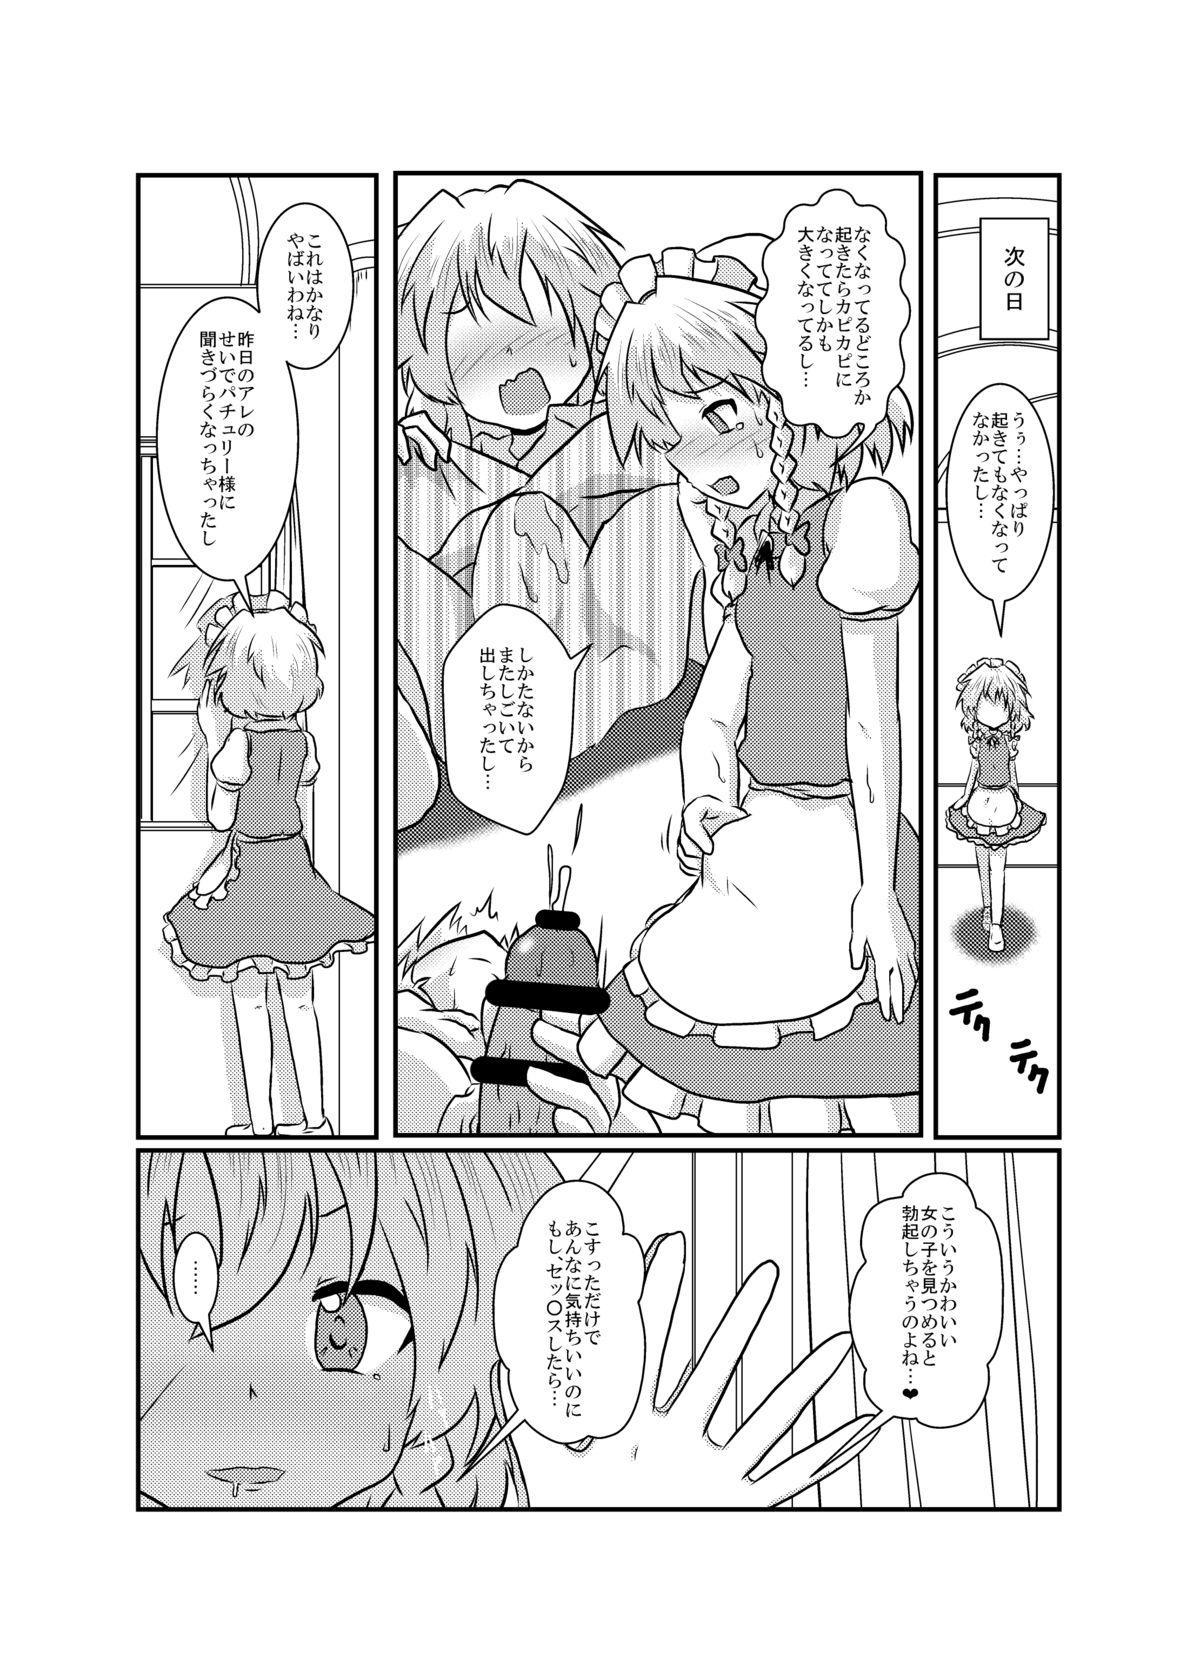 Sakuya-San no Haeteru Nichijou 14